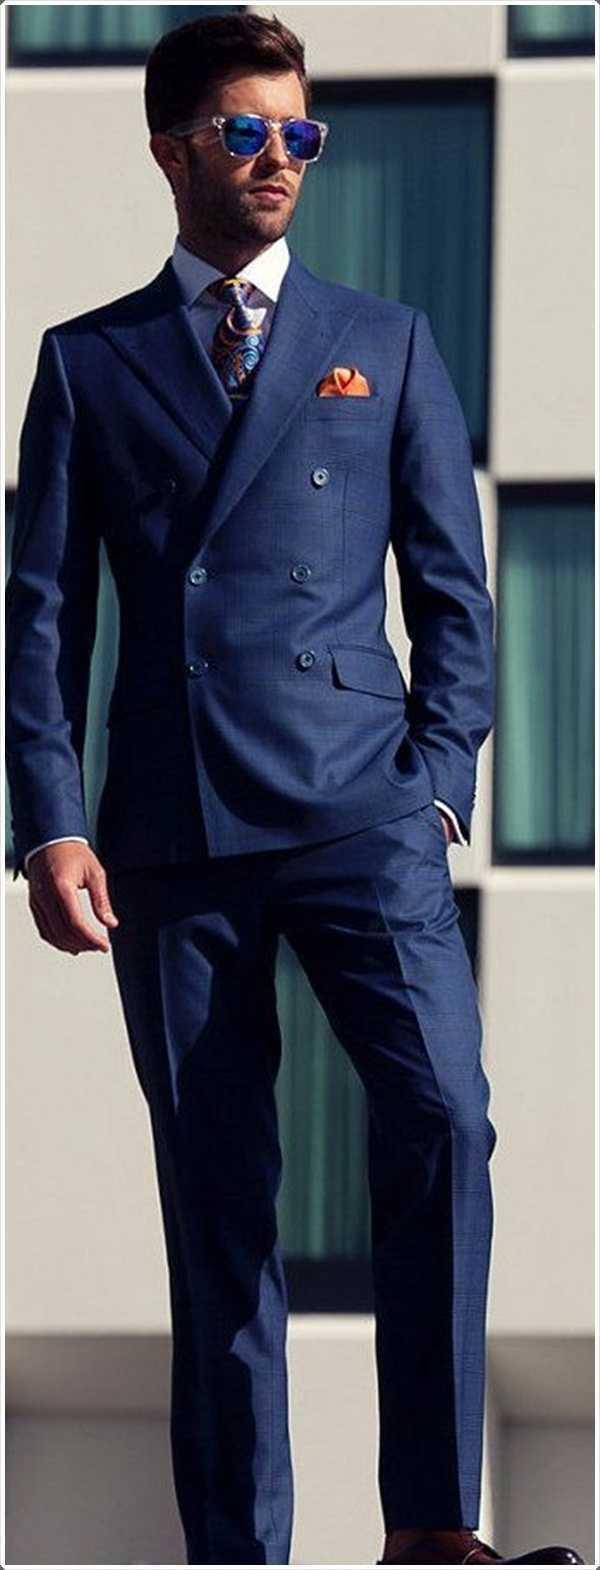 Consigue un traje azul perfectamente adaptado y se vea mejor